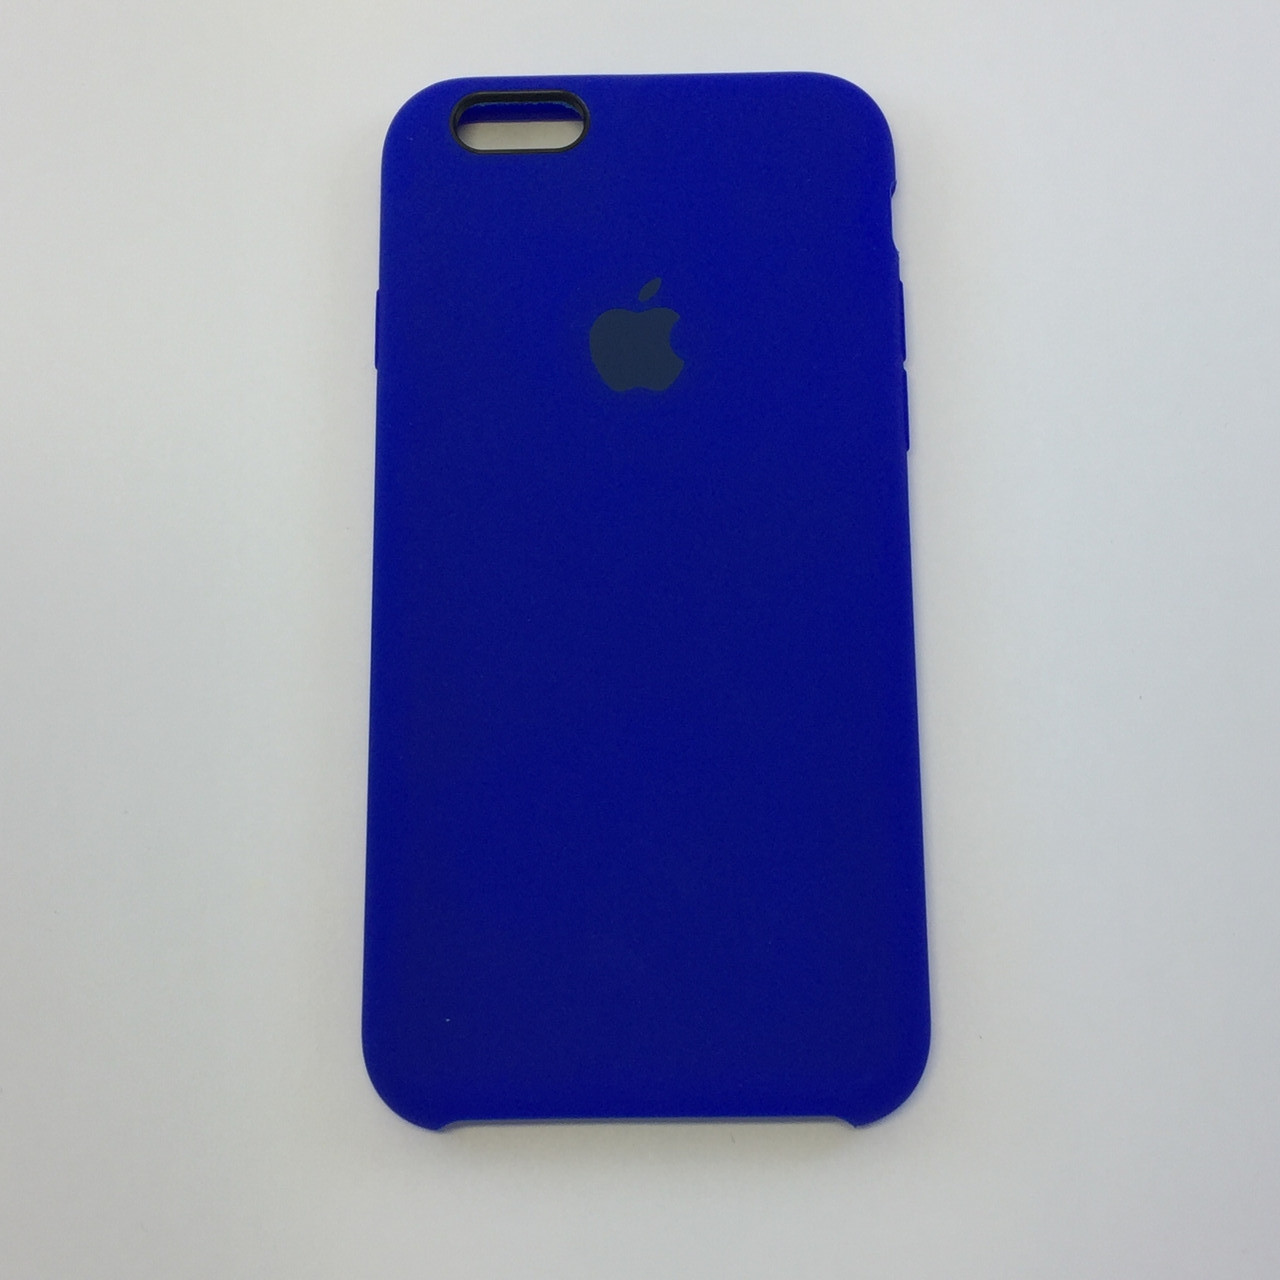 Силиконовый чехол для iPhone 6/6s, - «электрик» - copy original